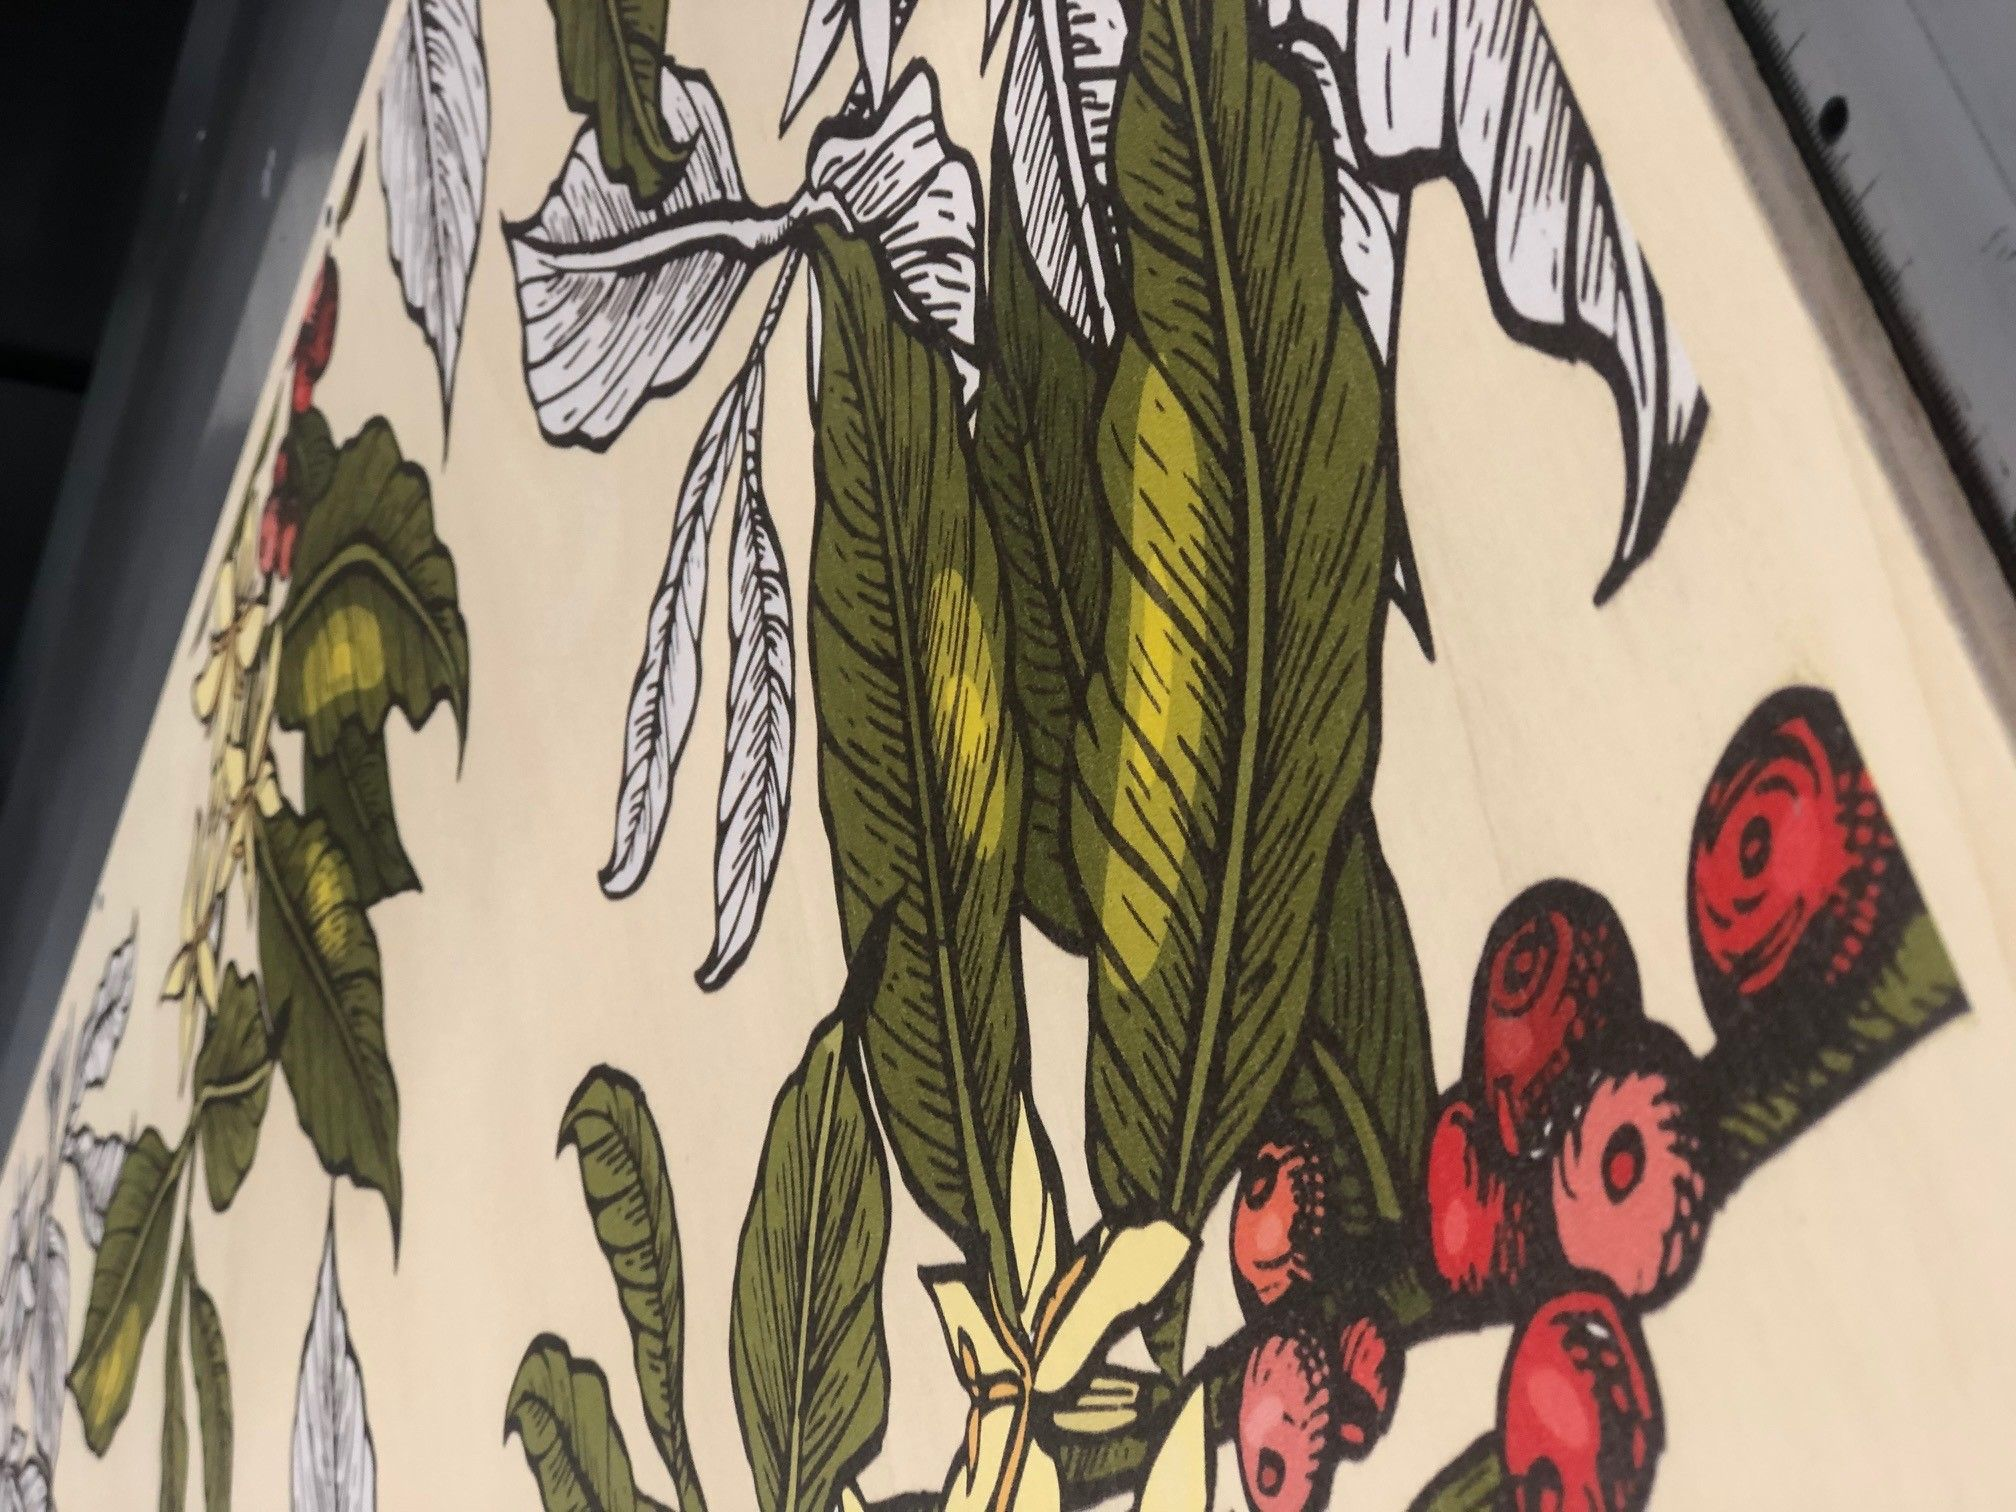 Wood Deco, 5 nouvelles matières écologiques et recyclables pour la décoration imprimée - Acte Deco